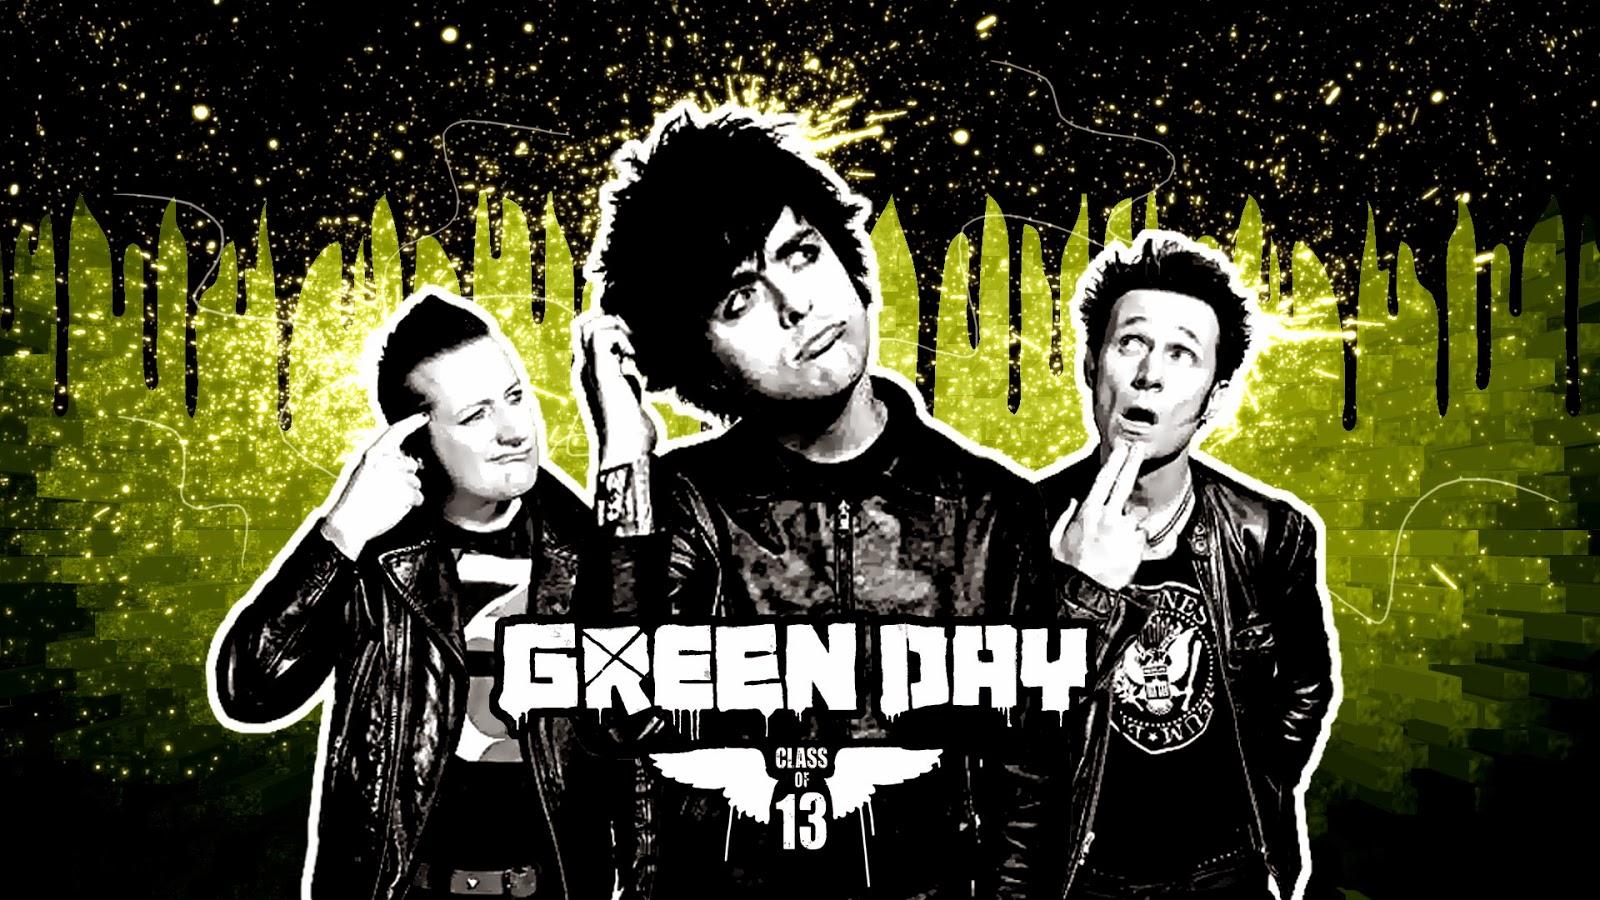 Lagu Lagu Bahasa Inggris Terbaru Musik Lagu Anak Karaoke Bahasa Inggris Greeting English Terjemahan Lirik Lagu Barat Terjemahan Lagu Greenday Wake Me Up